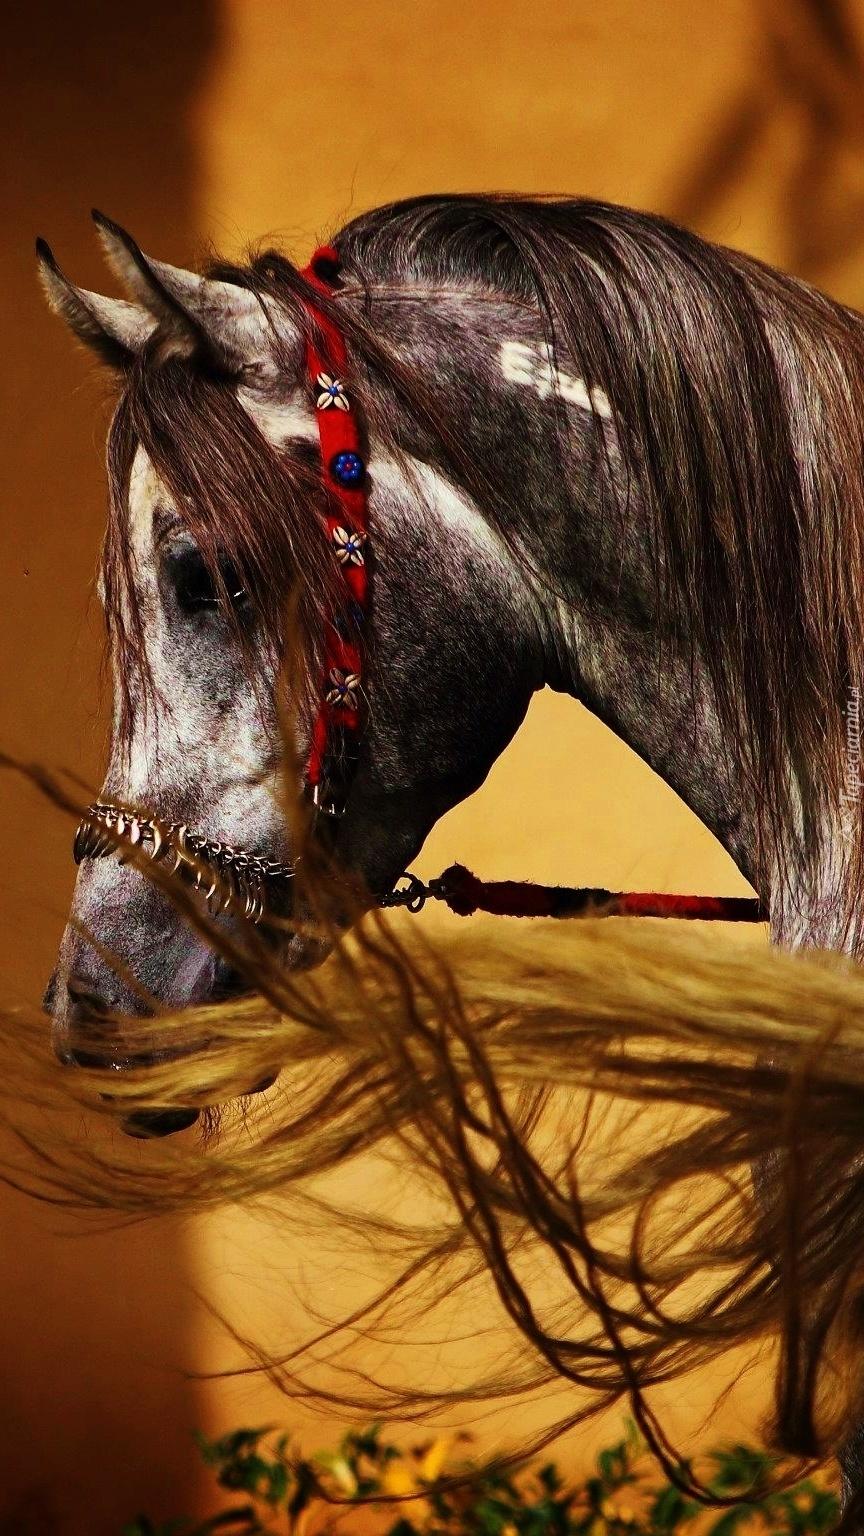 Profil konia